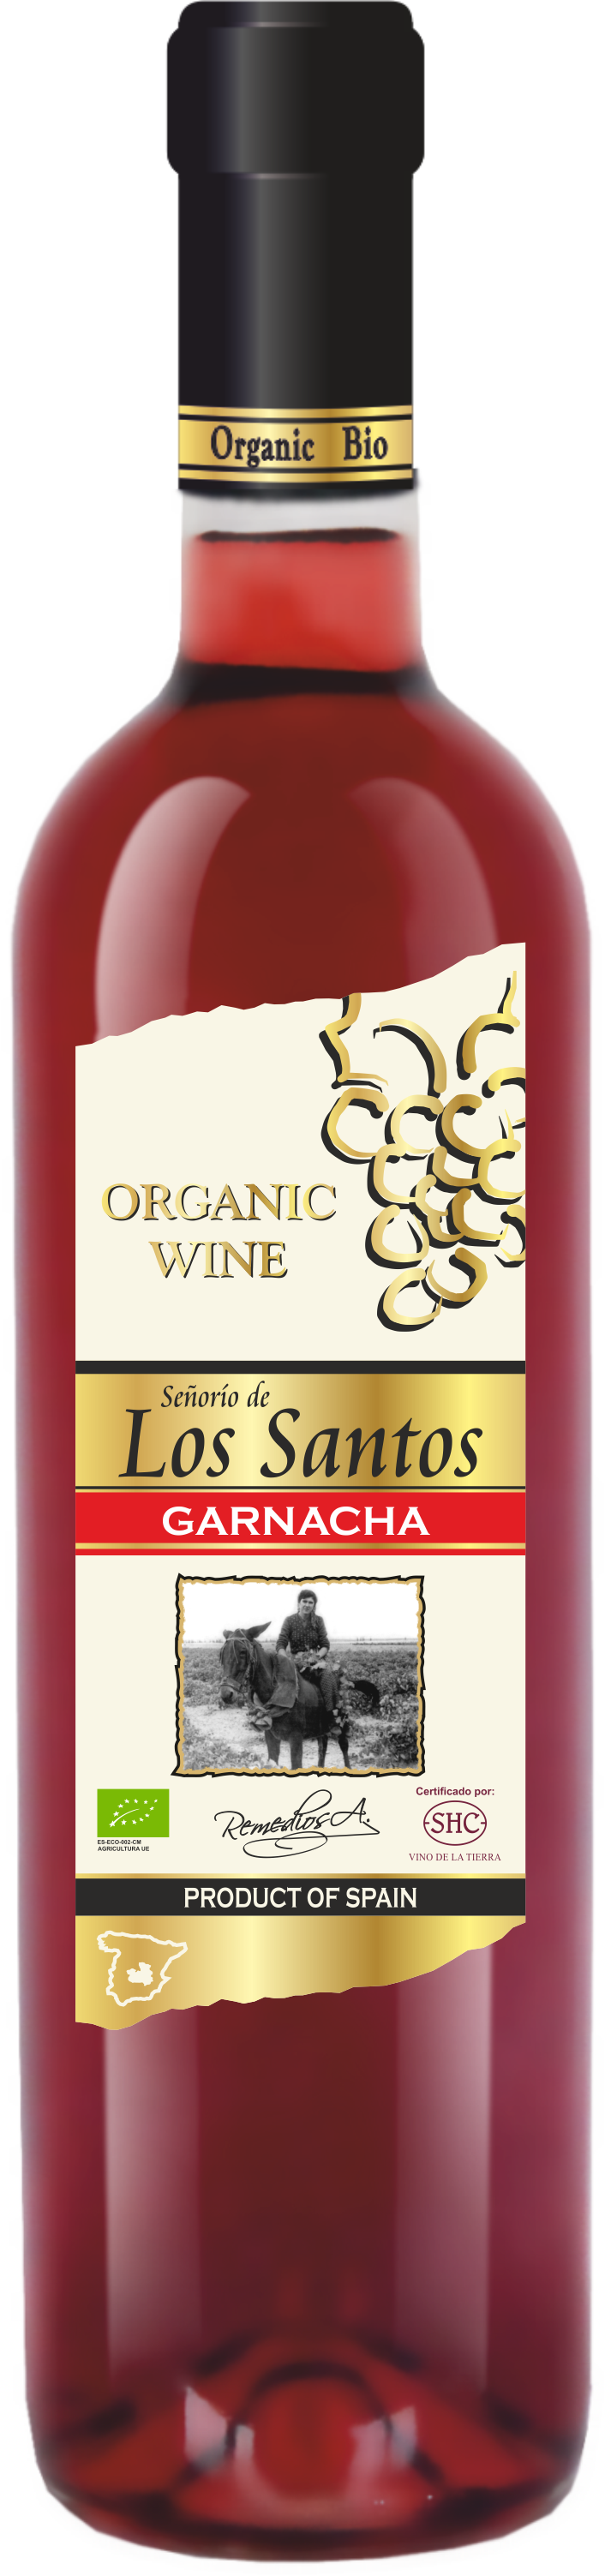 Señorio de Los Santos Garnacha 75 CL